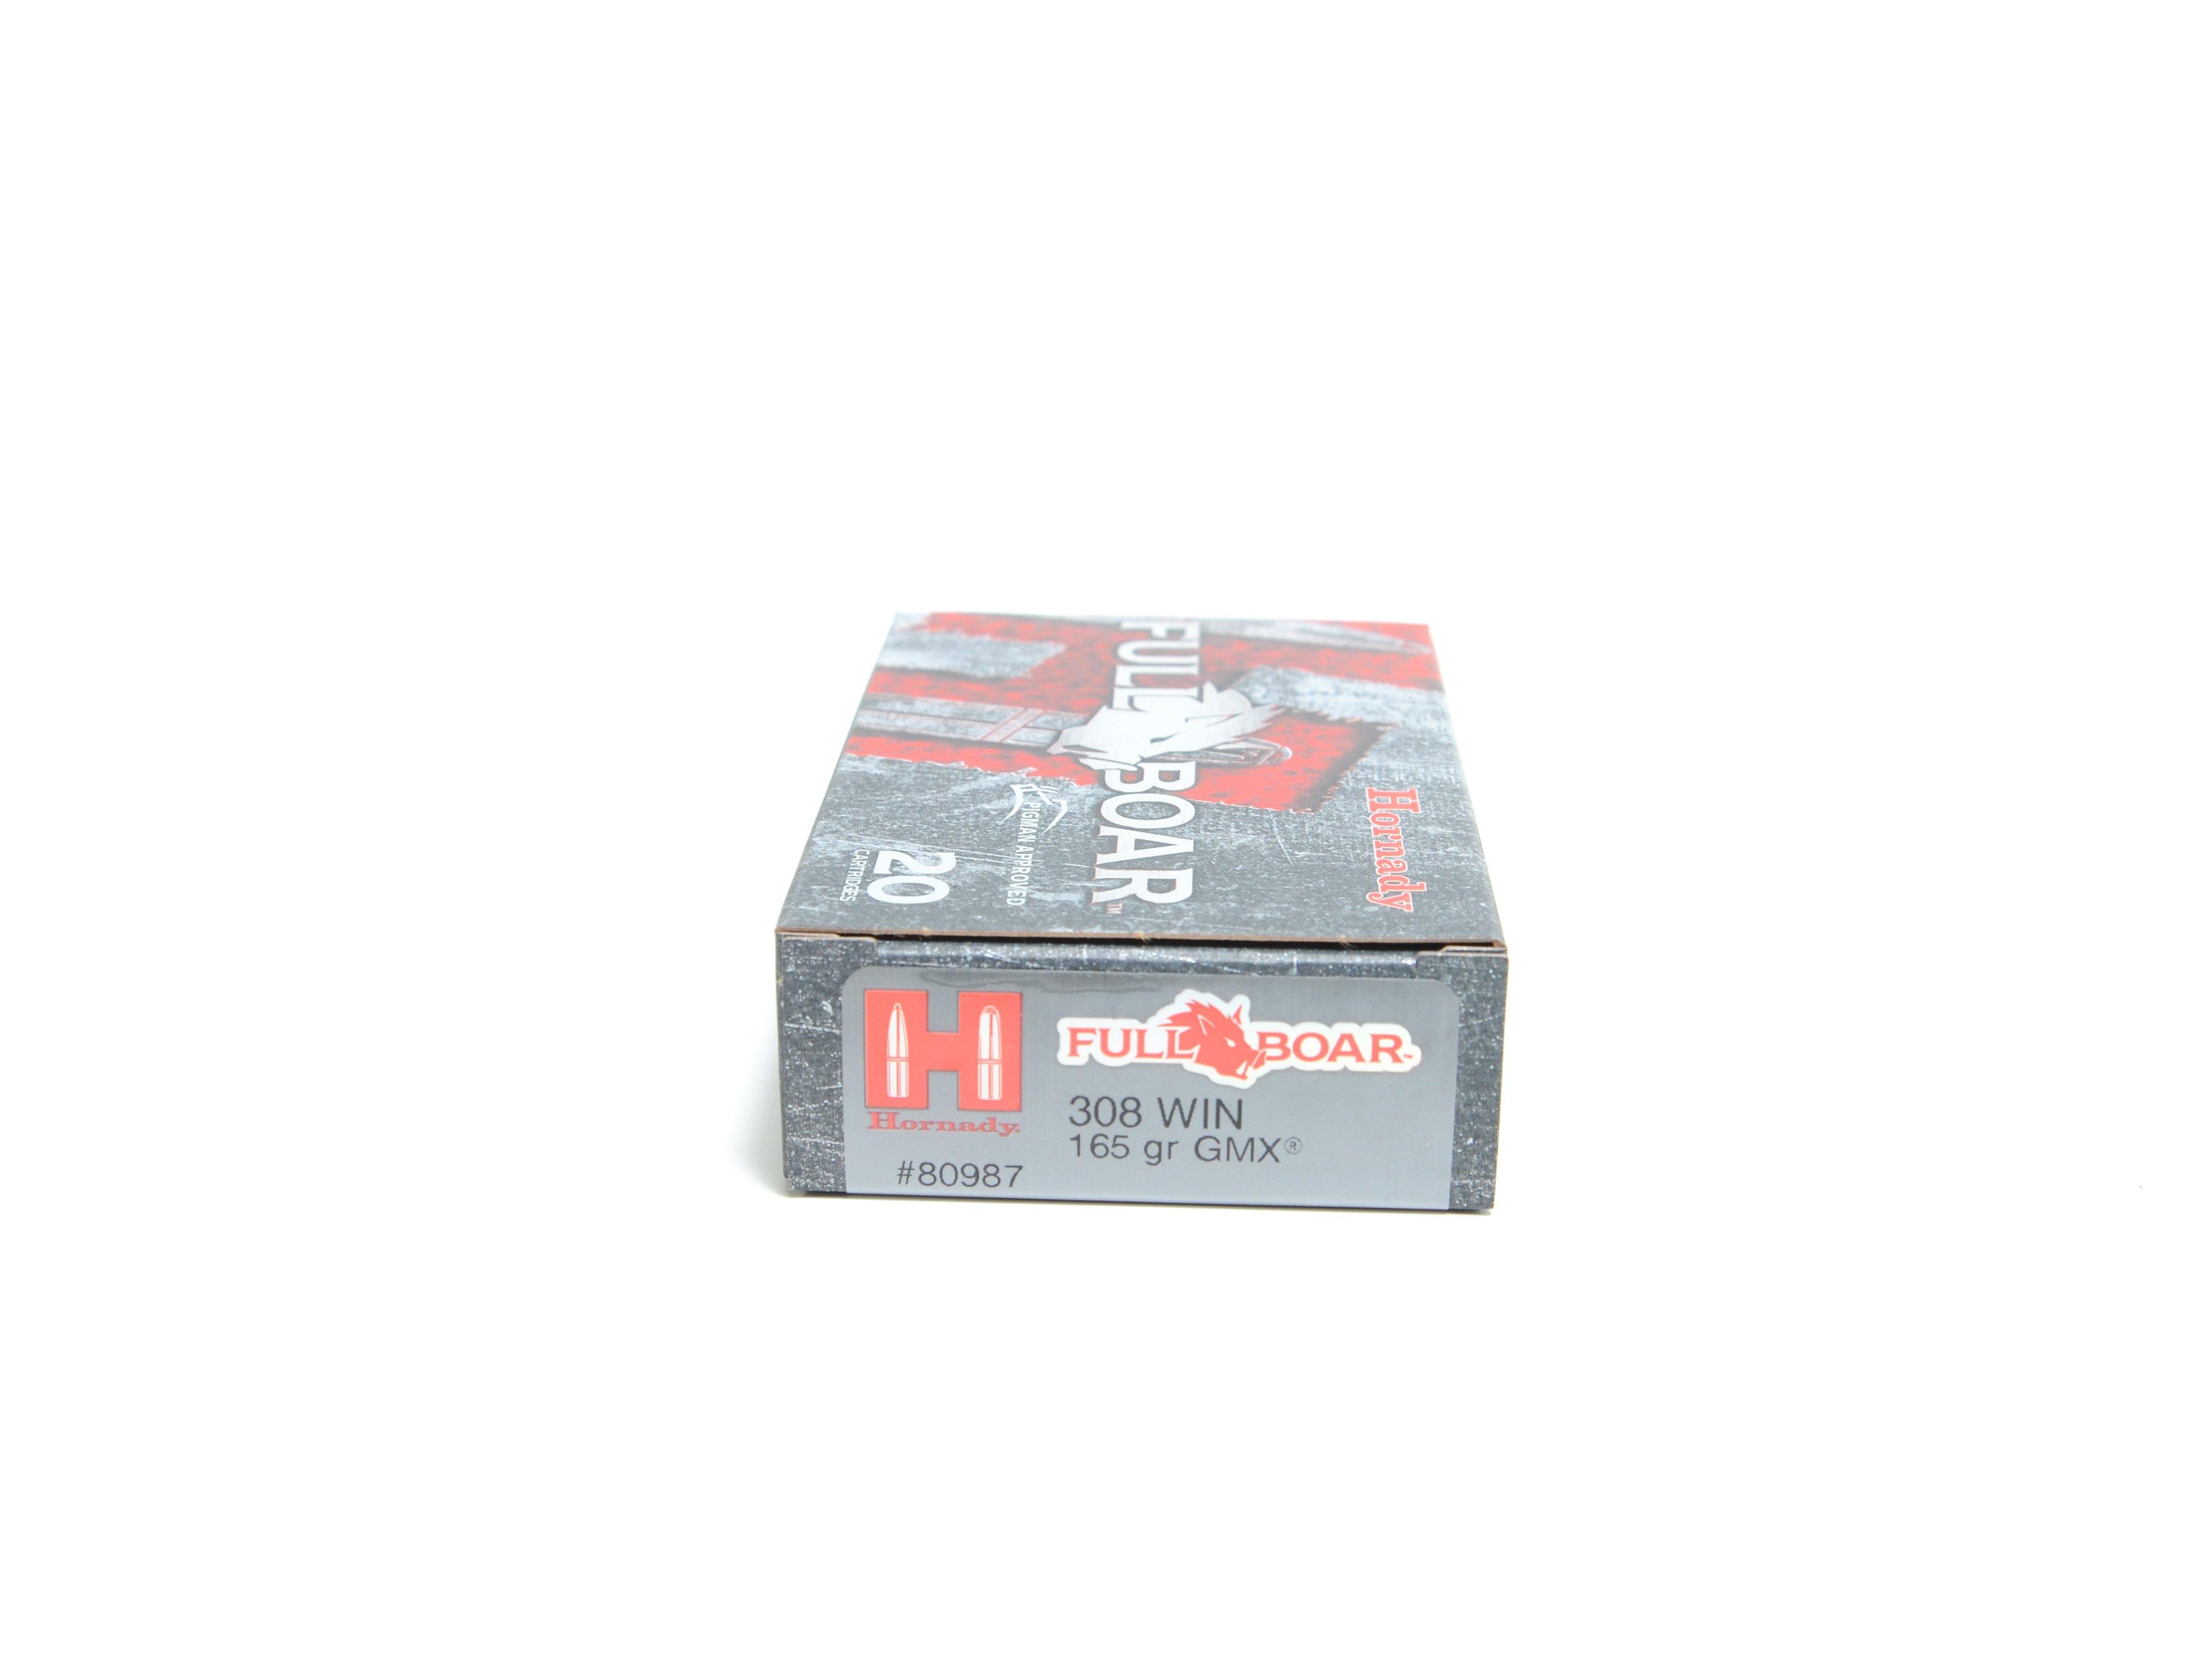 Hornady 308 Win 165 Grain GMX (MonoFlex) Full Boar (20)